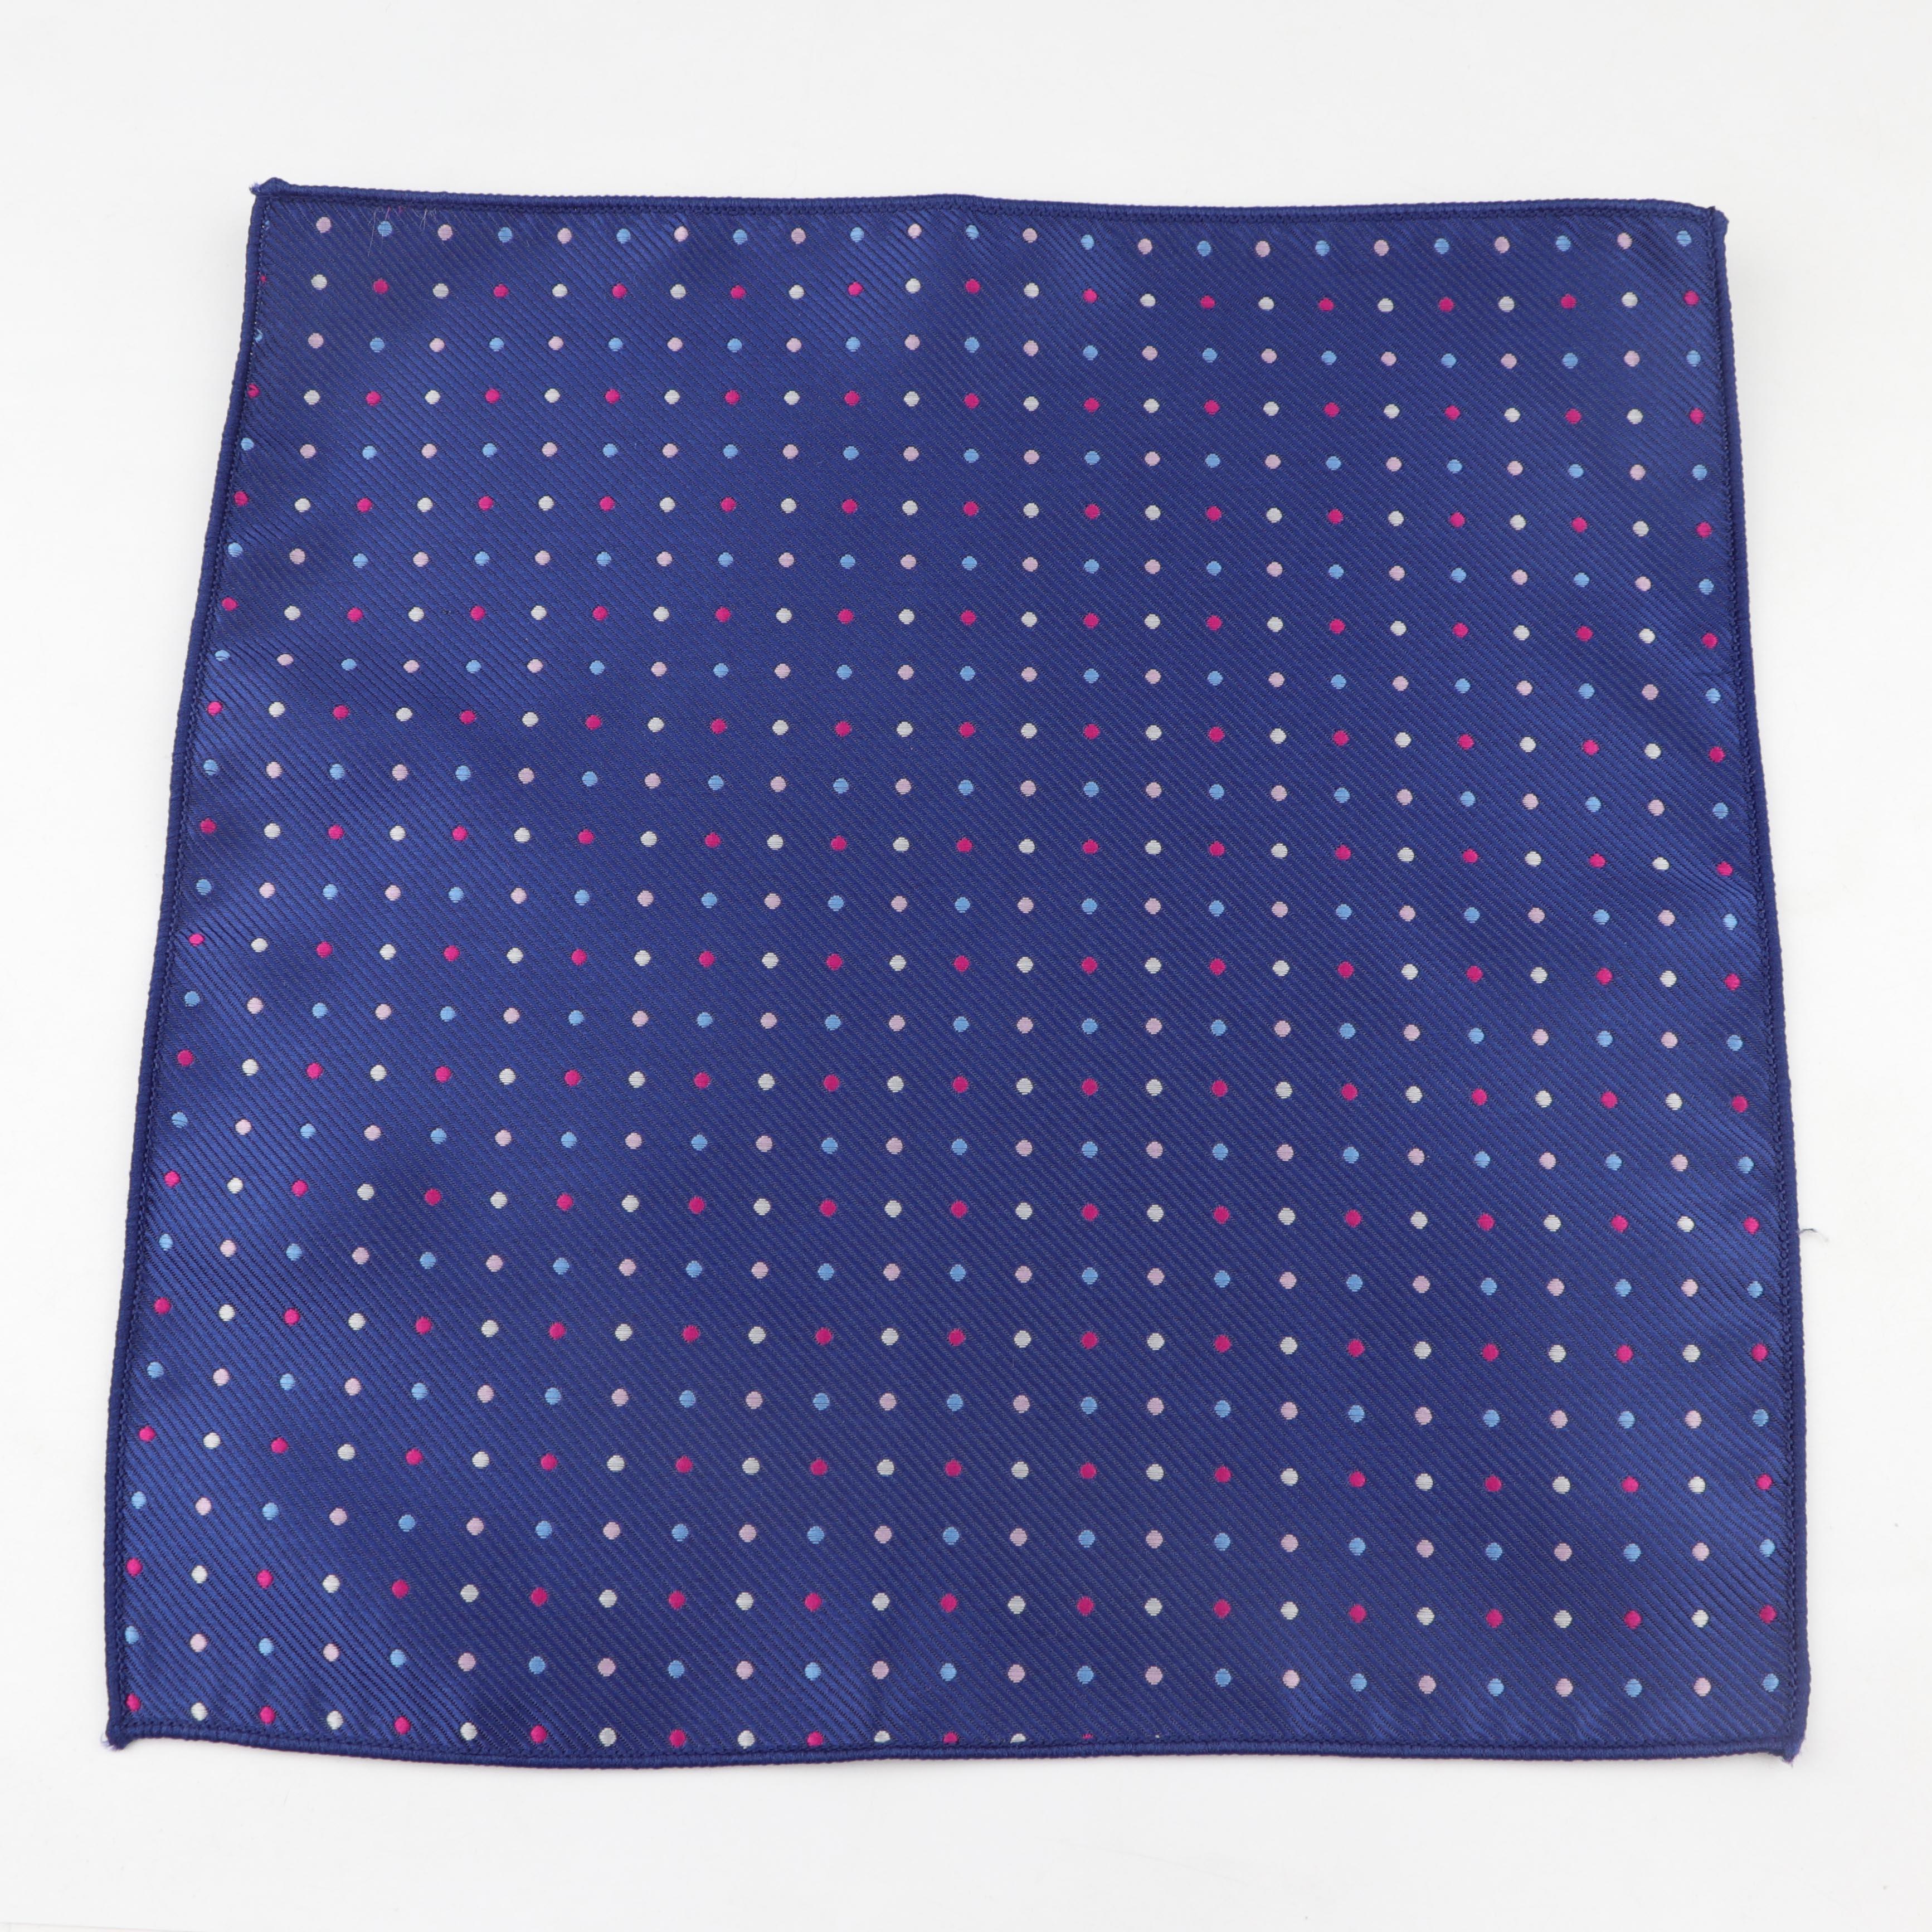 Мужской дизайнерский носовой платок из полиэстера, тканый Карманный квадратный платок в горошек со звездами, деловой Повседневный носовой платок с карманами